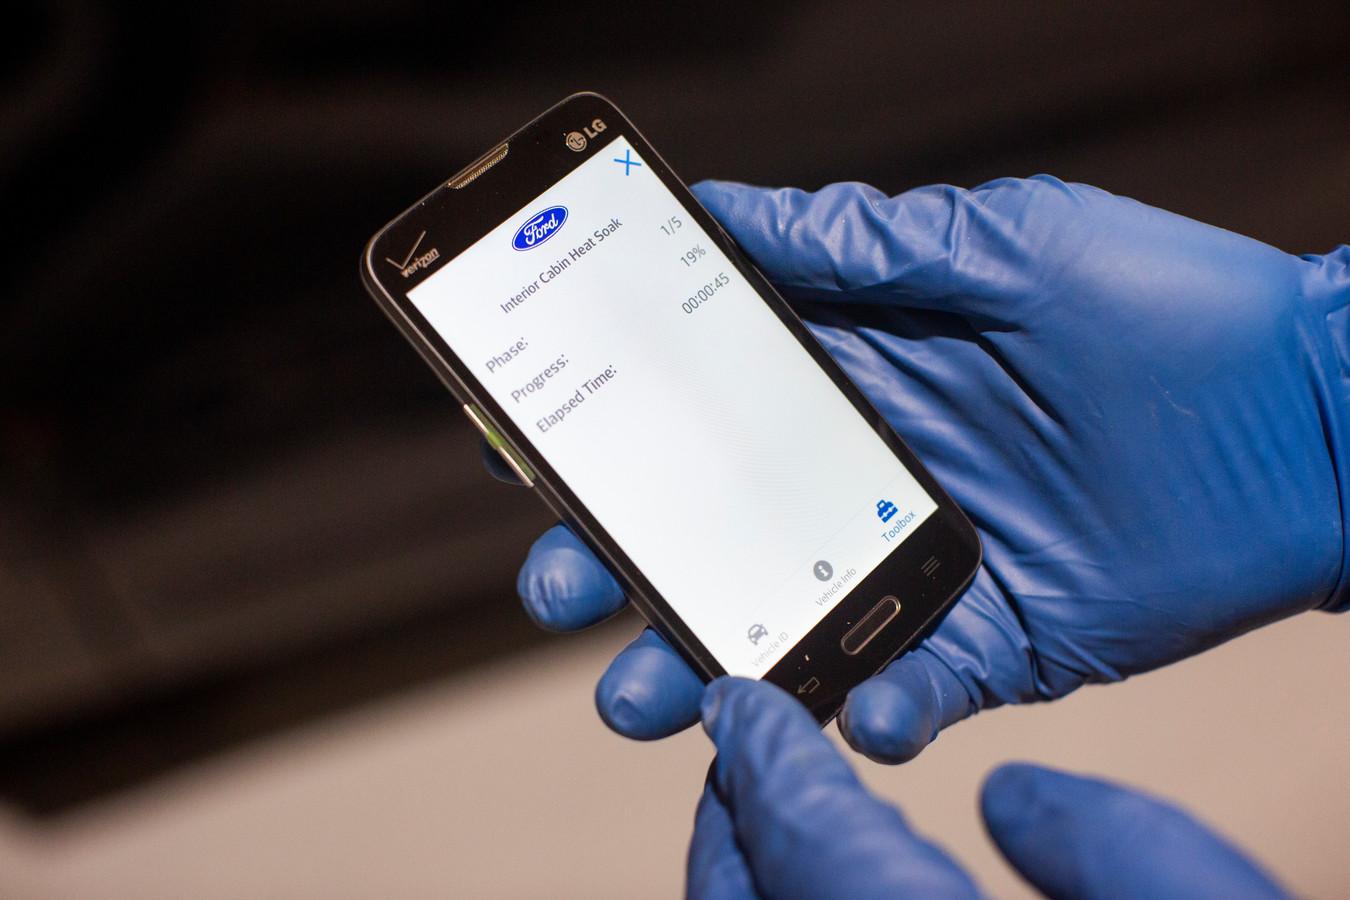 Met een app is de verhitting van het interieur te volgen. Het onderzoeksteam van Ford richt zich op de Ford Explorer als politieauto.